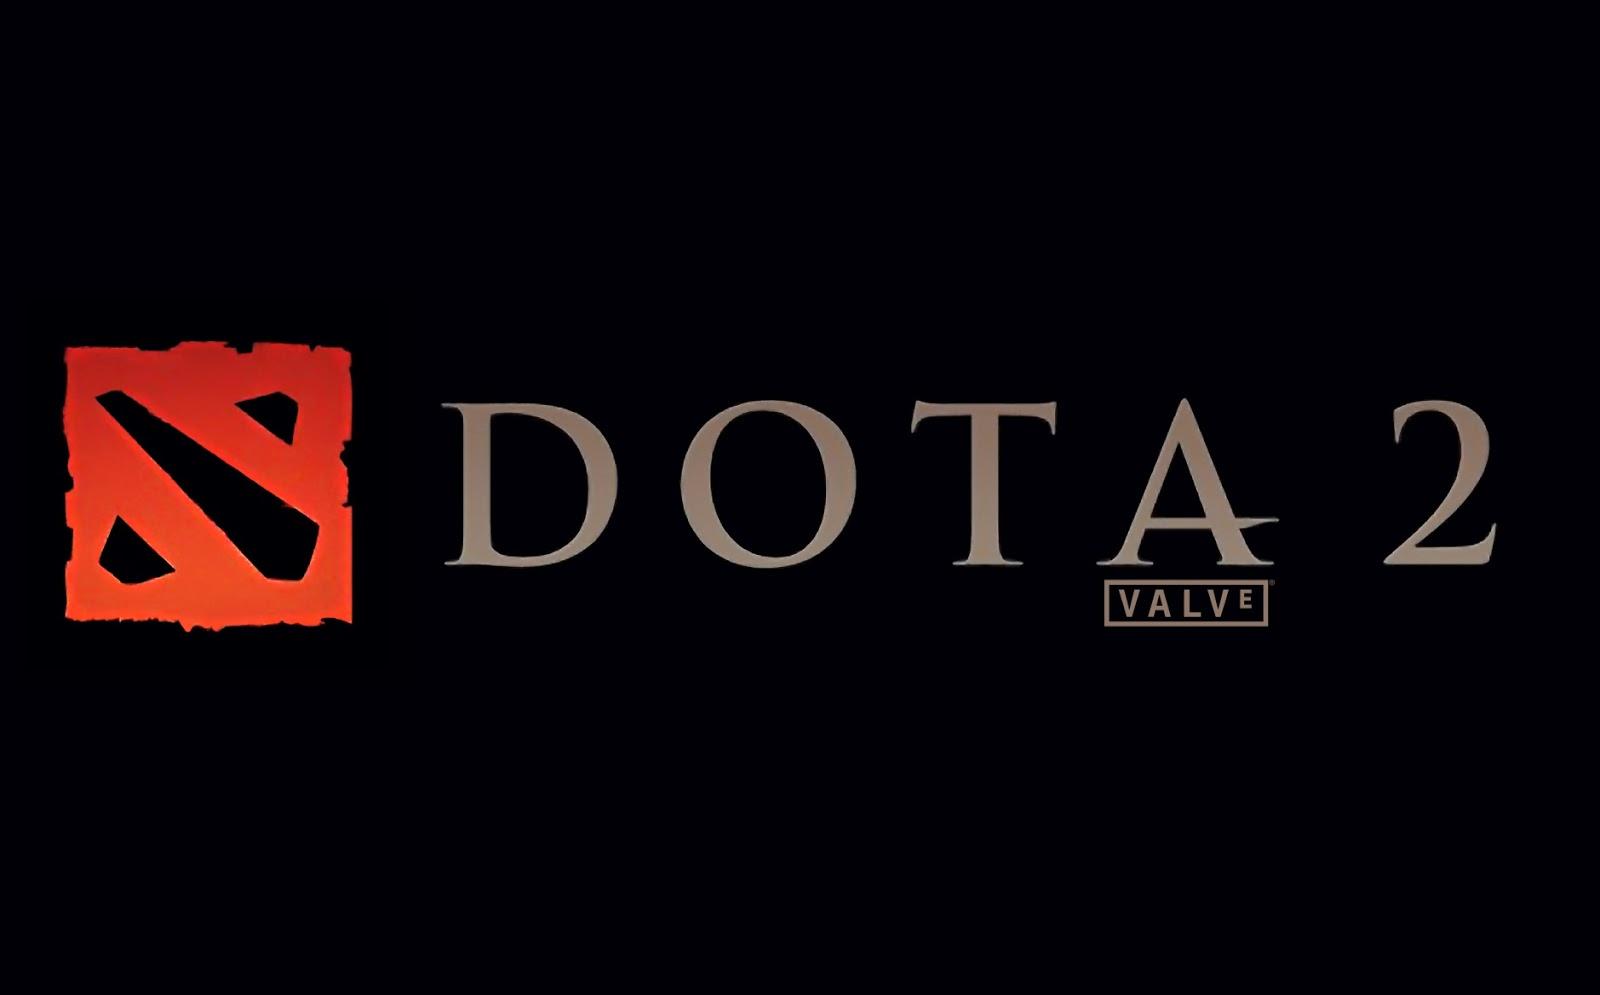 Free download dota 2 pcfull version game free mediafire direct link